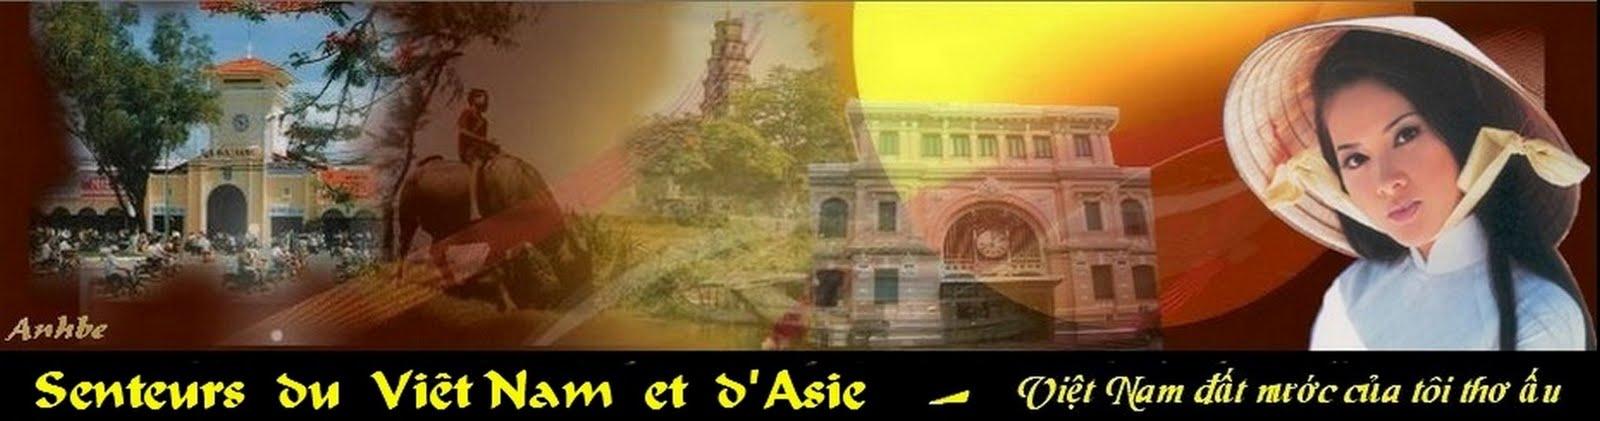 Senteurs du Viêt Nam et d'Asie